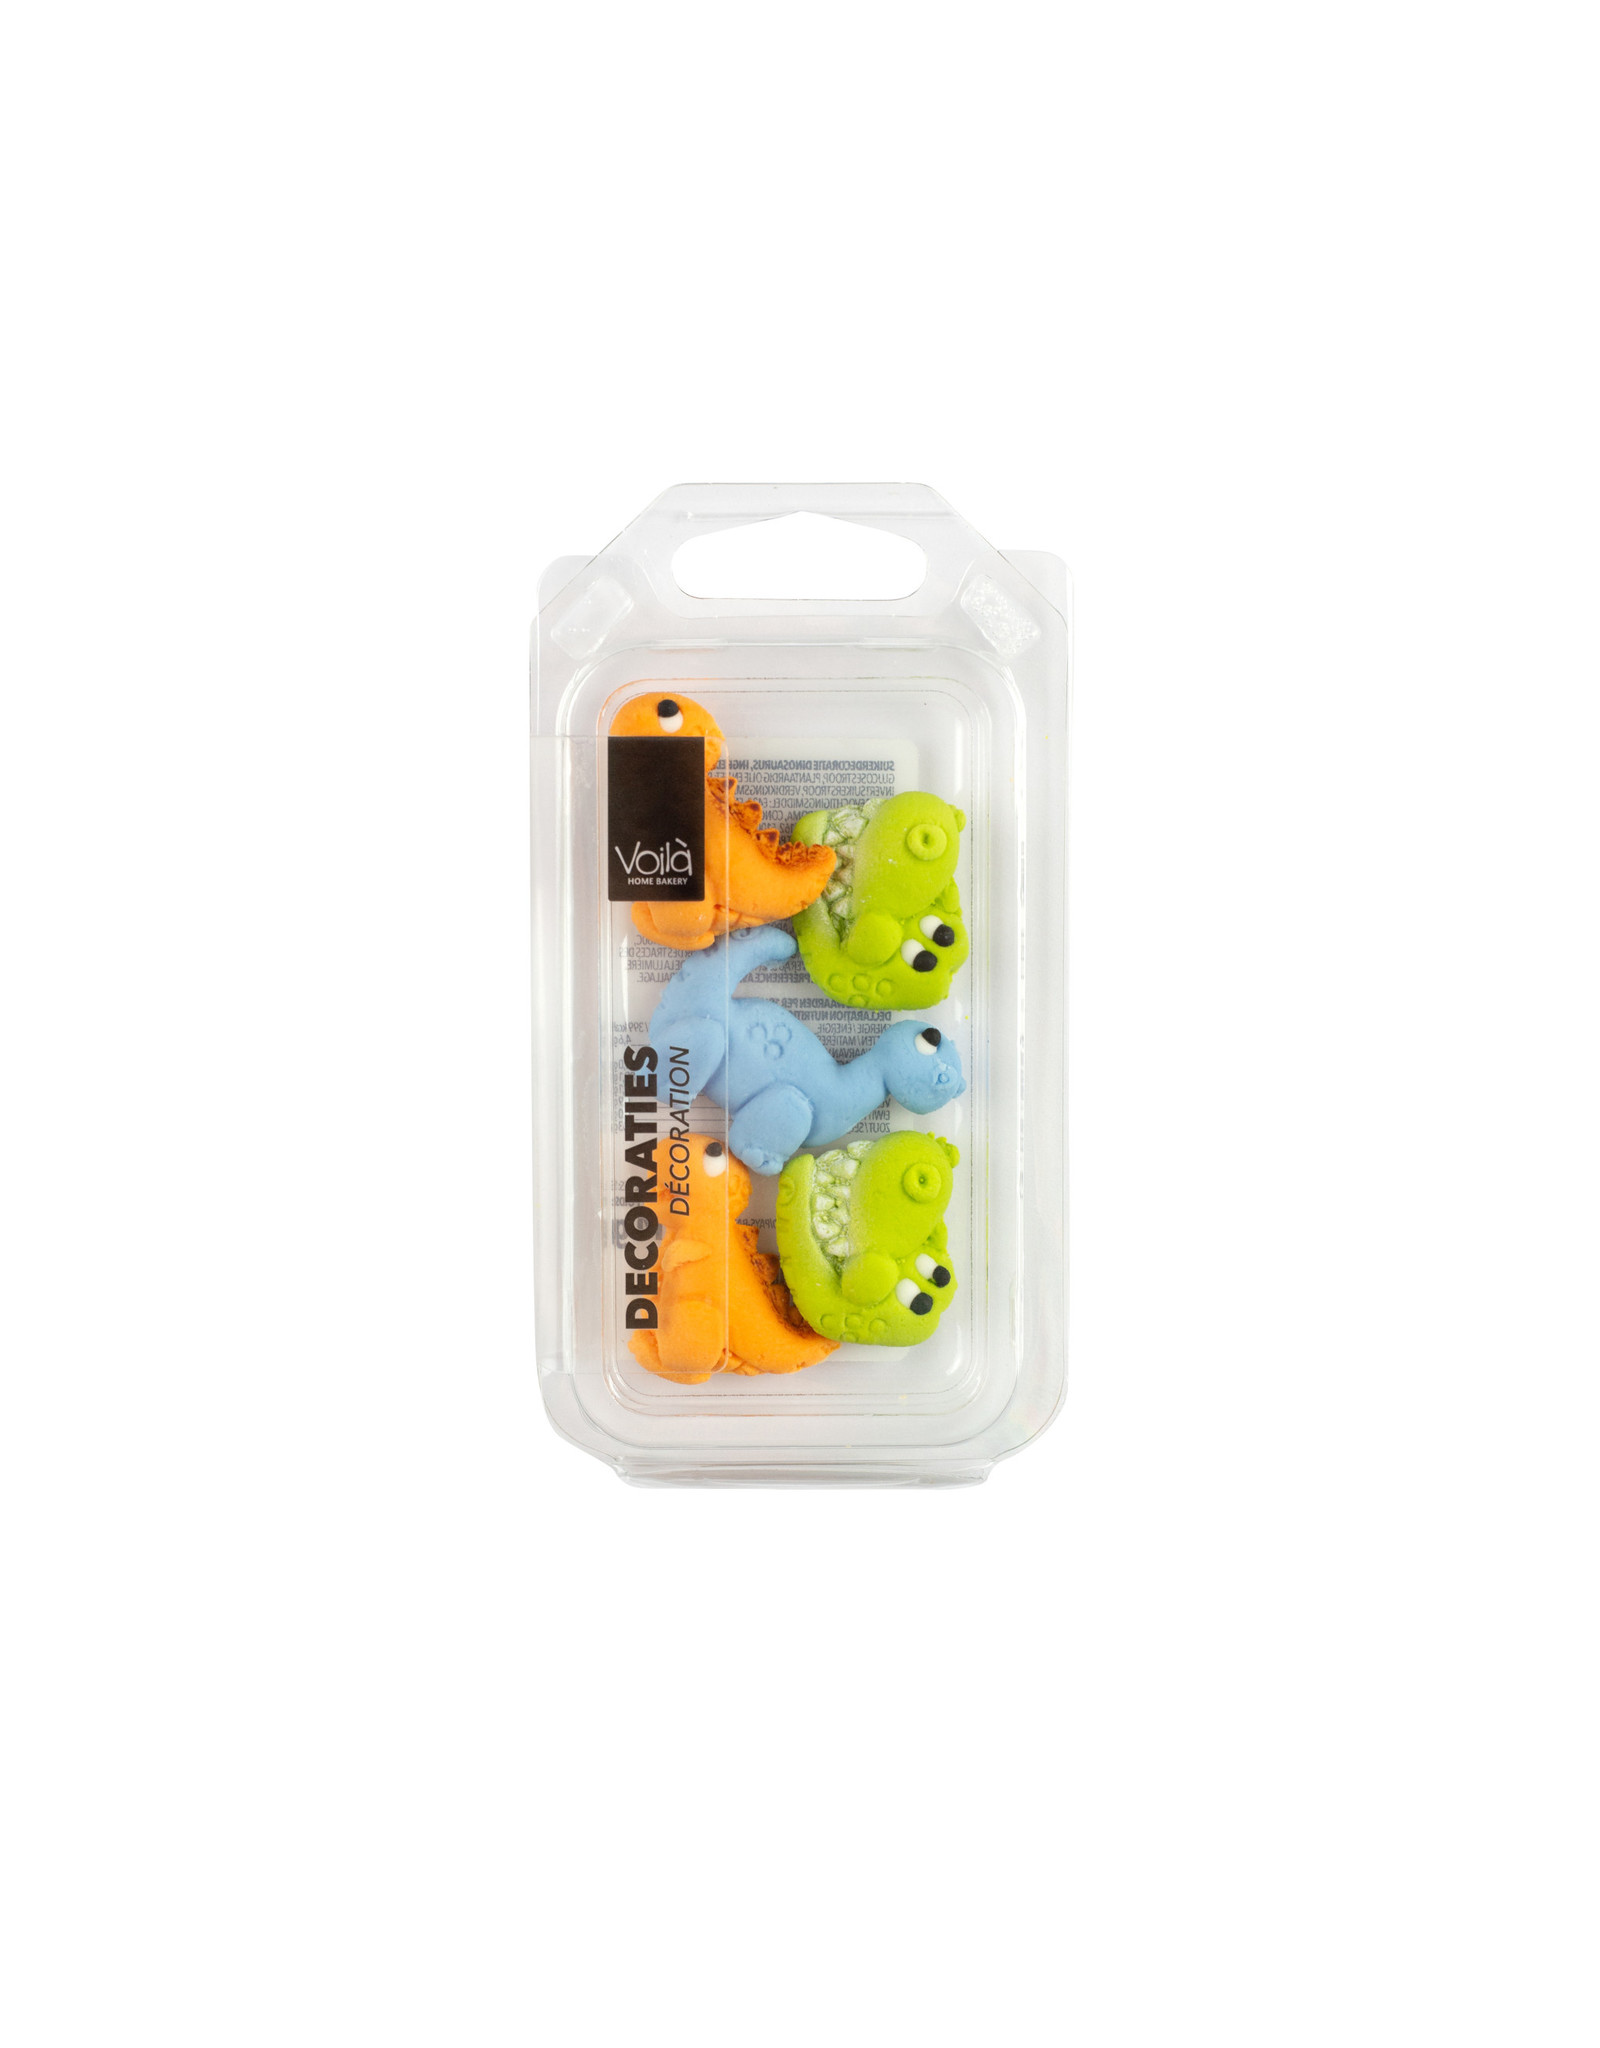 VOILA Home Bakery Voila | Suiker Dinosaurusen | Decoratie - 16 gram